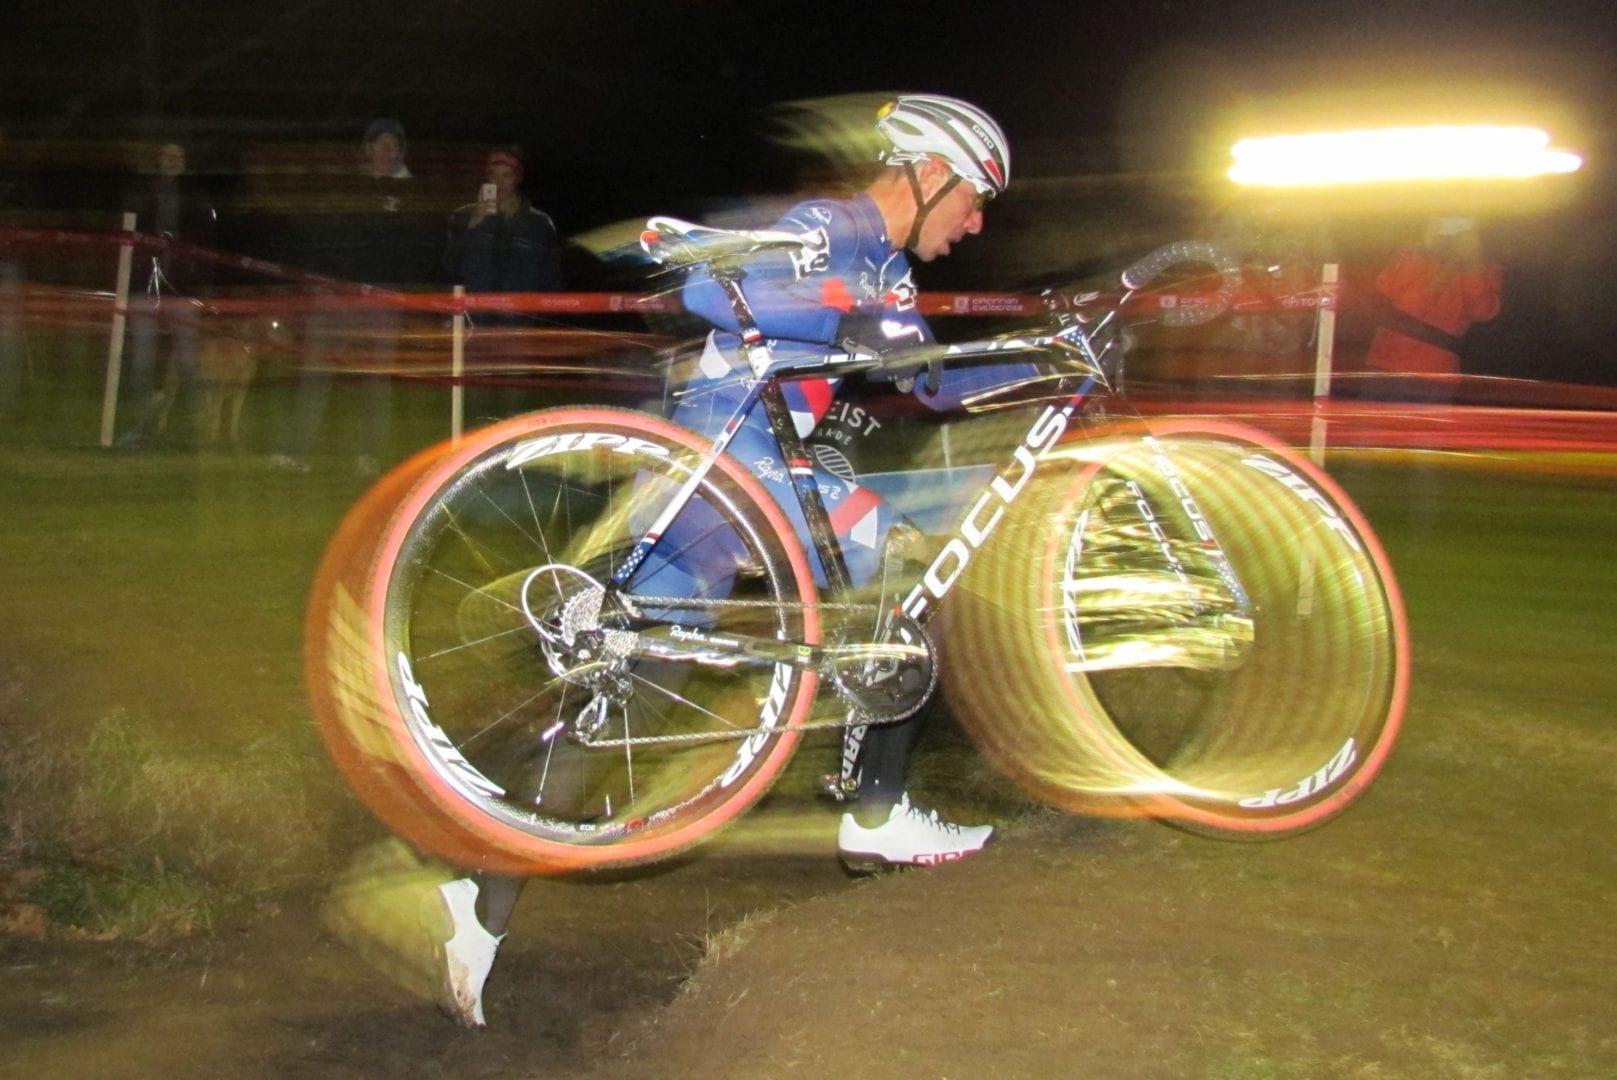 A blurry cyclist